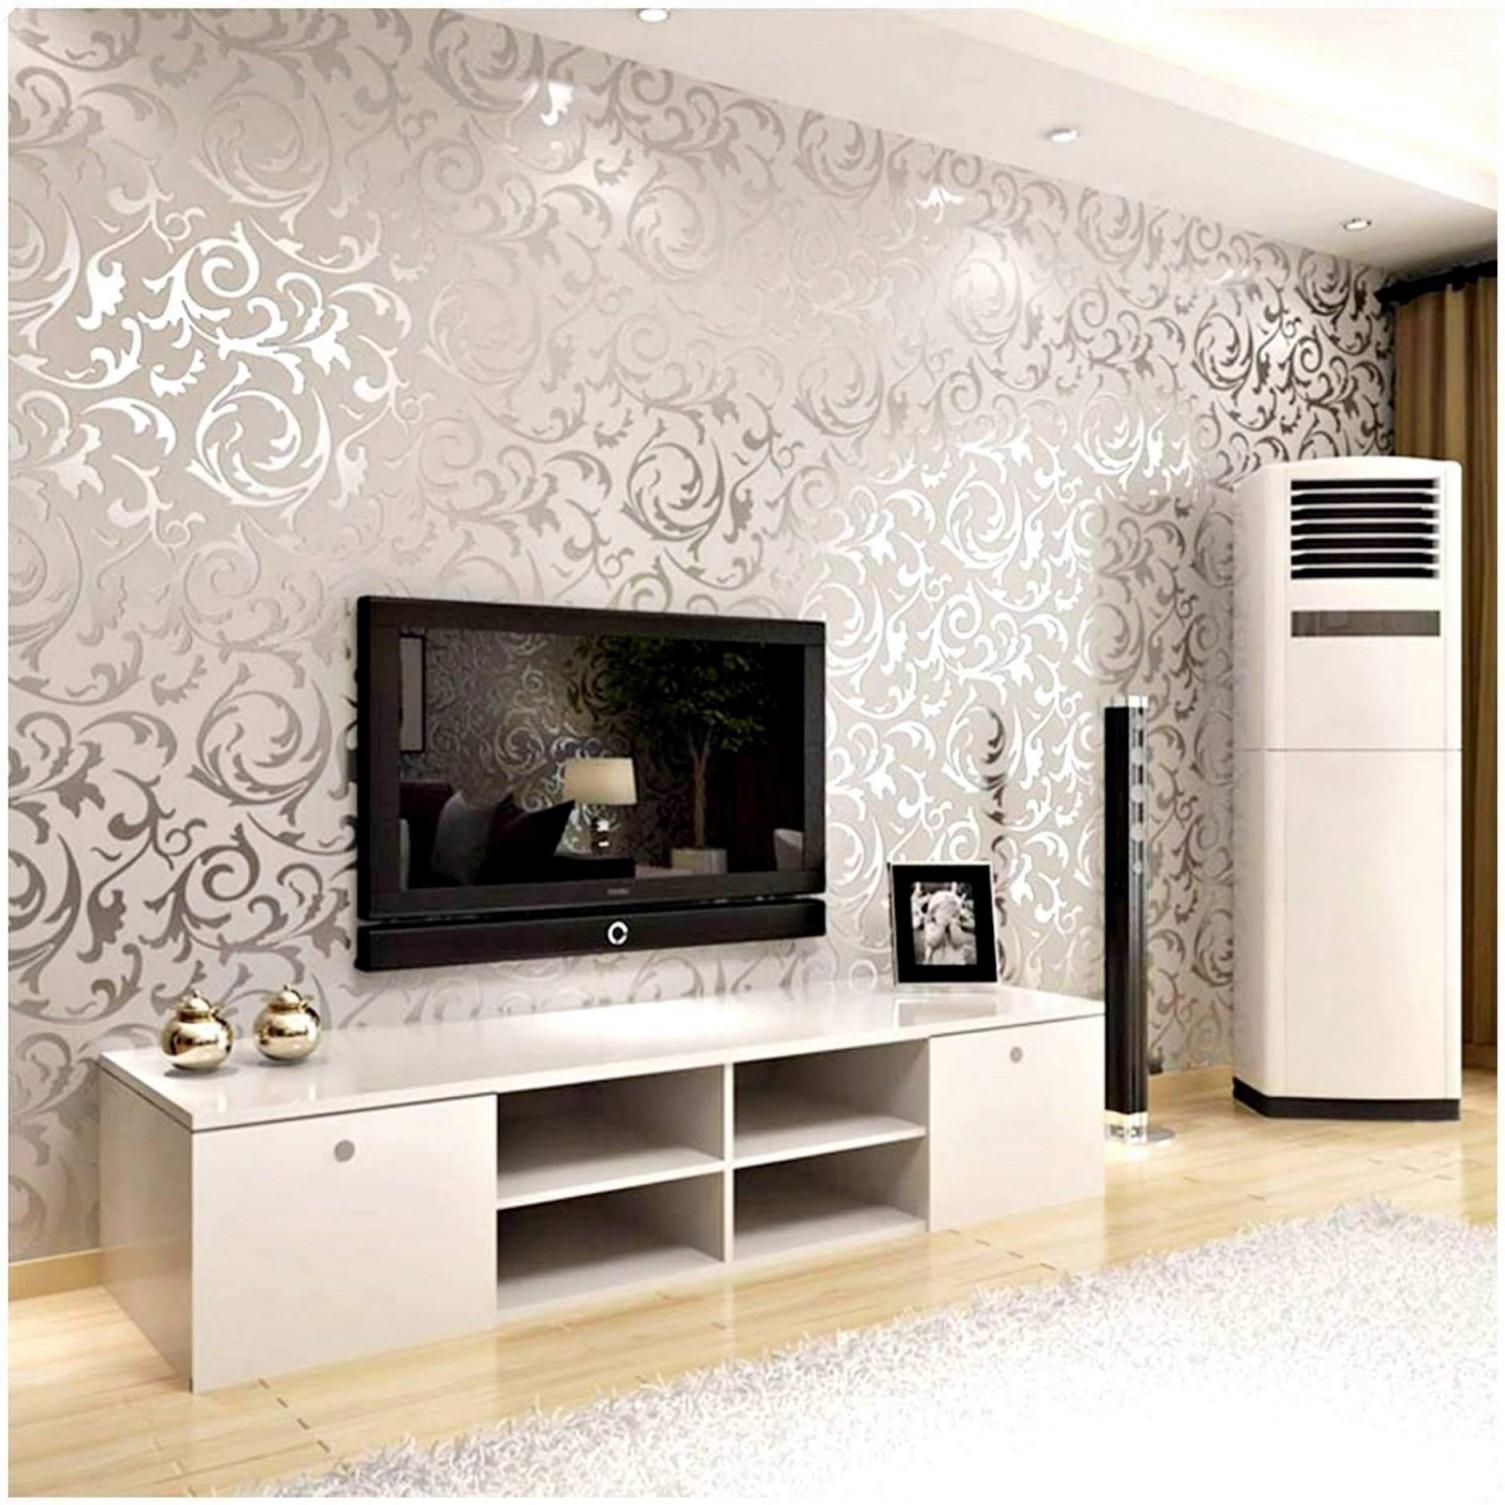 Wohnzimmer Tapete Modern Luxus 32 Frisch Tapeten Wohnzimmer von Moderne Tapeten Wohnzimmer Bild